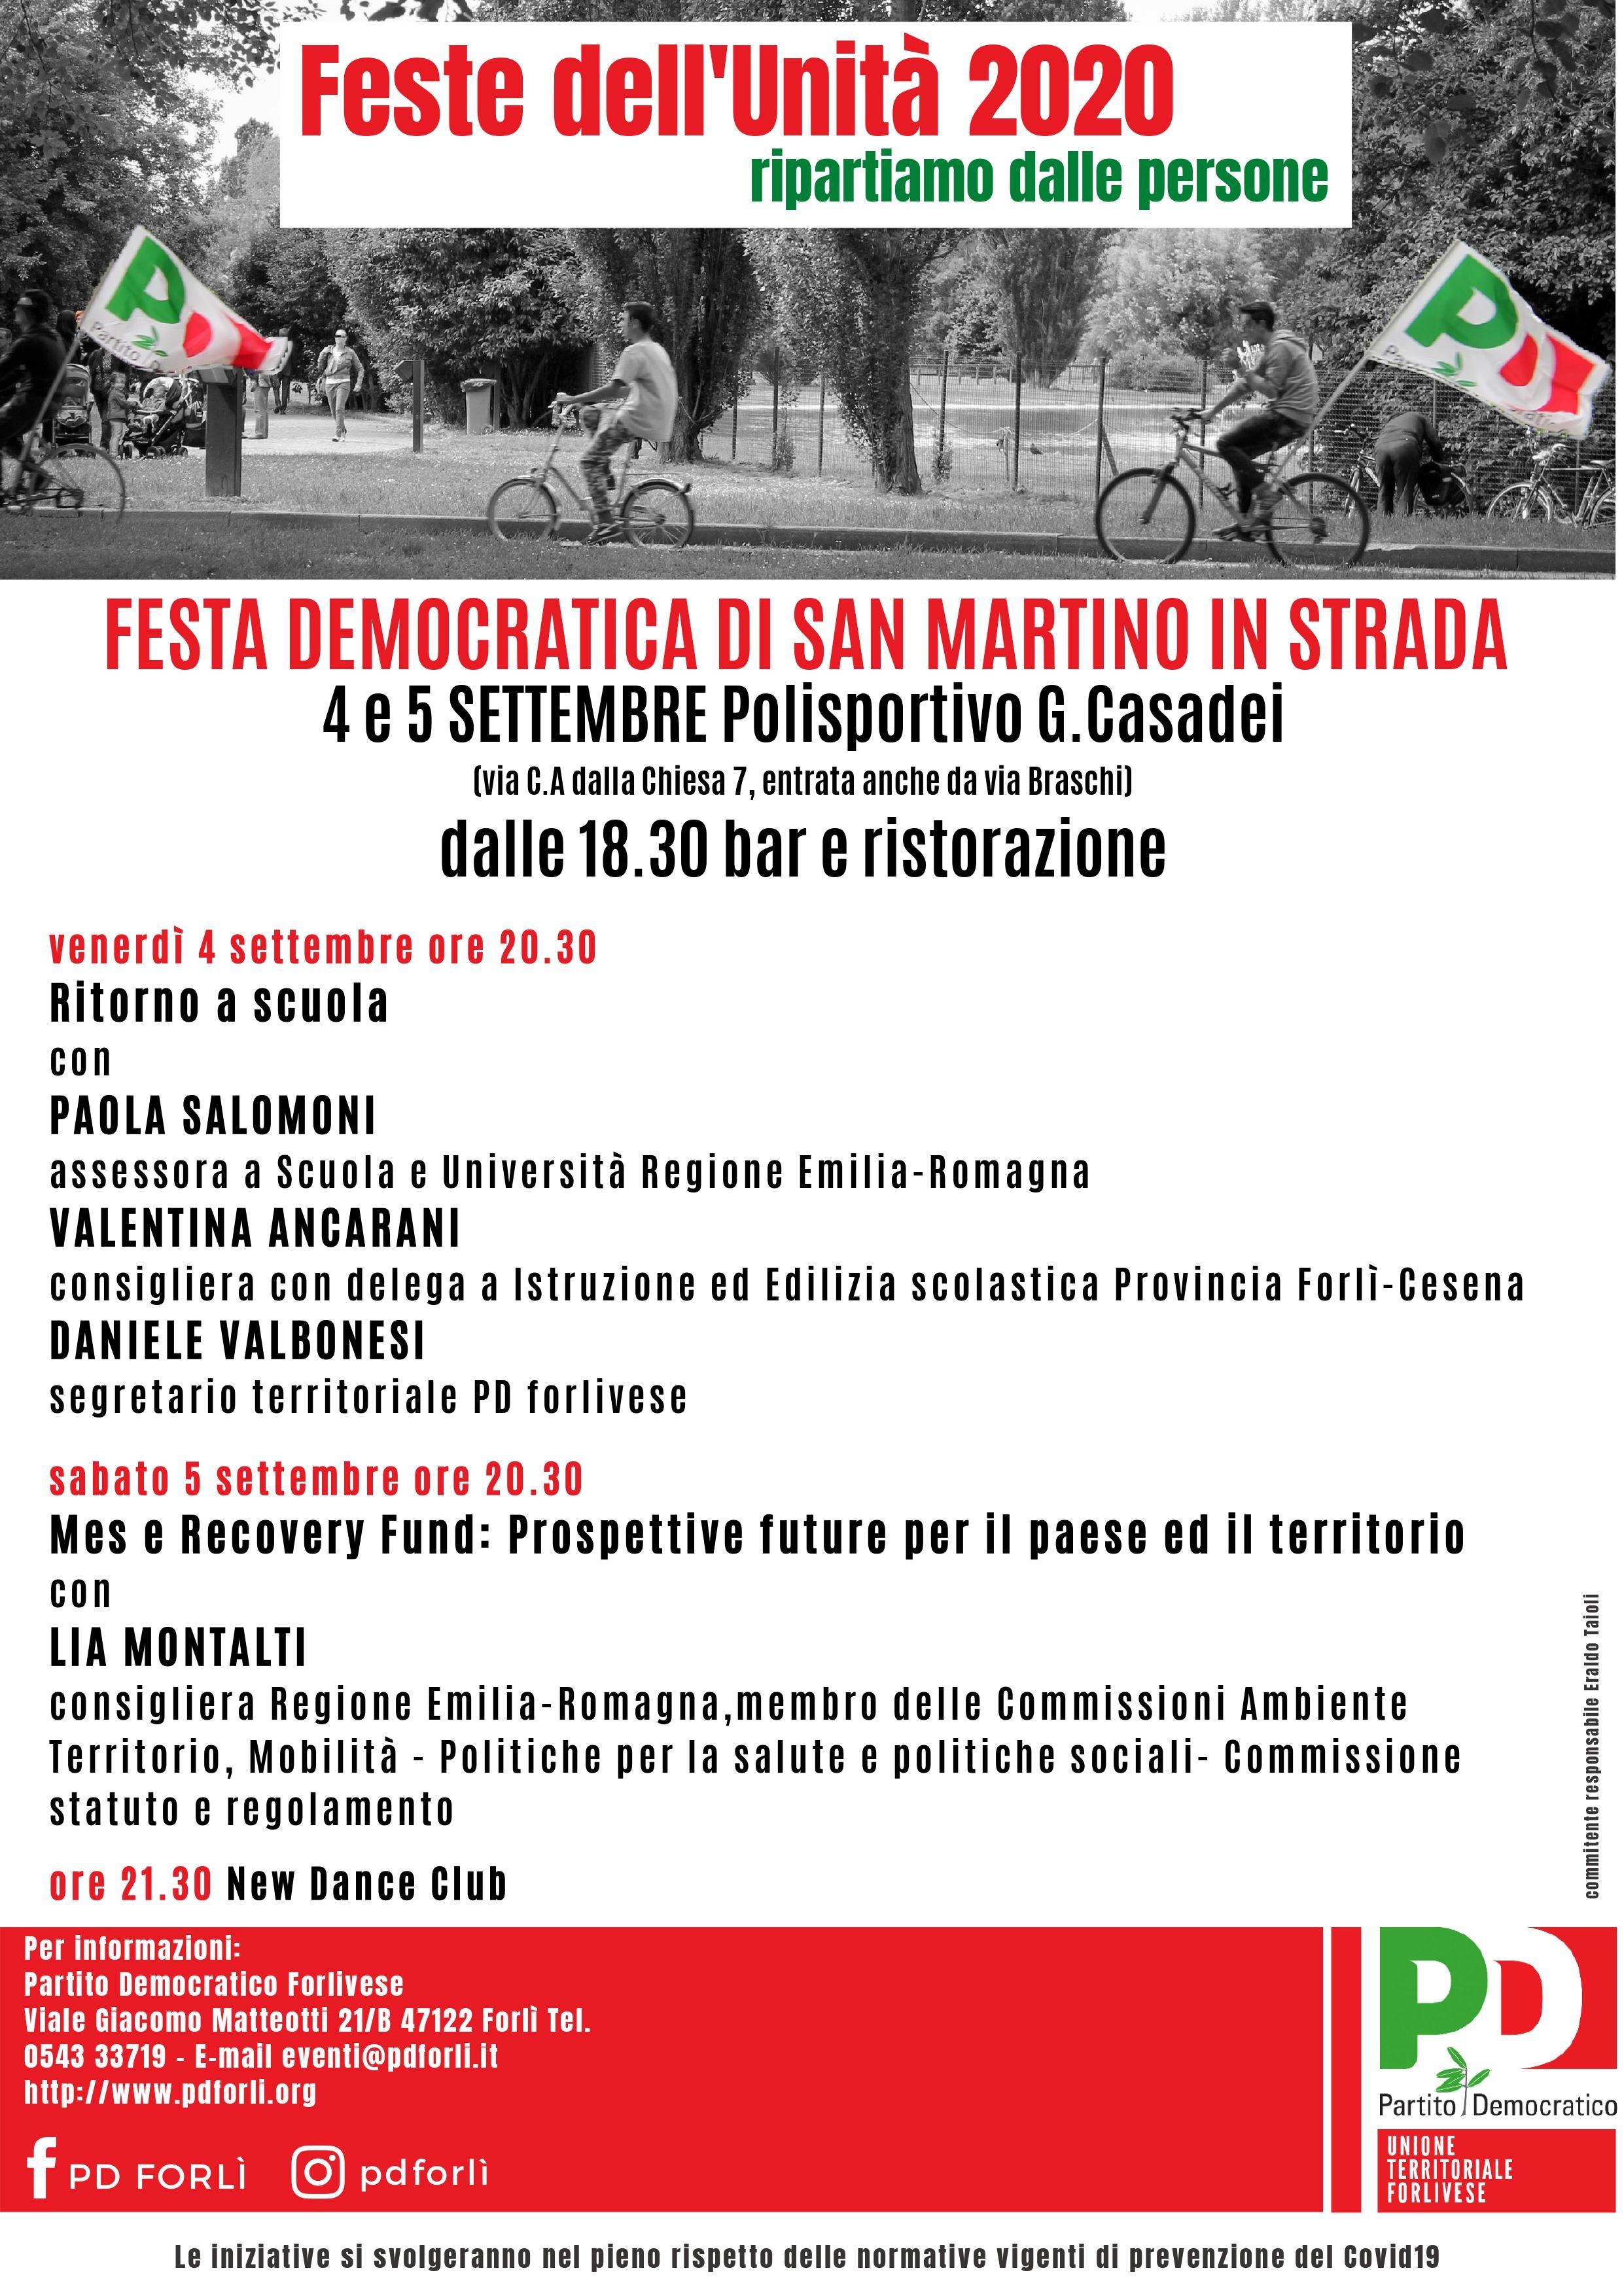 Festa Democratica di San Martino in Strada @ Polisportivo G.Casadei